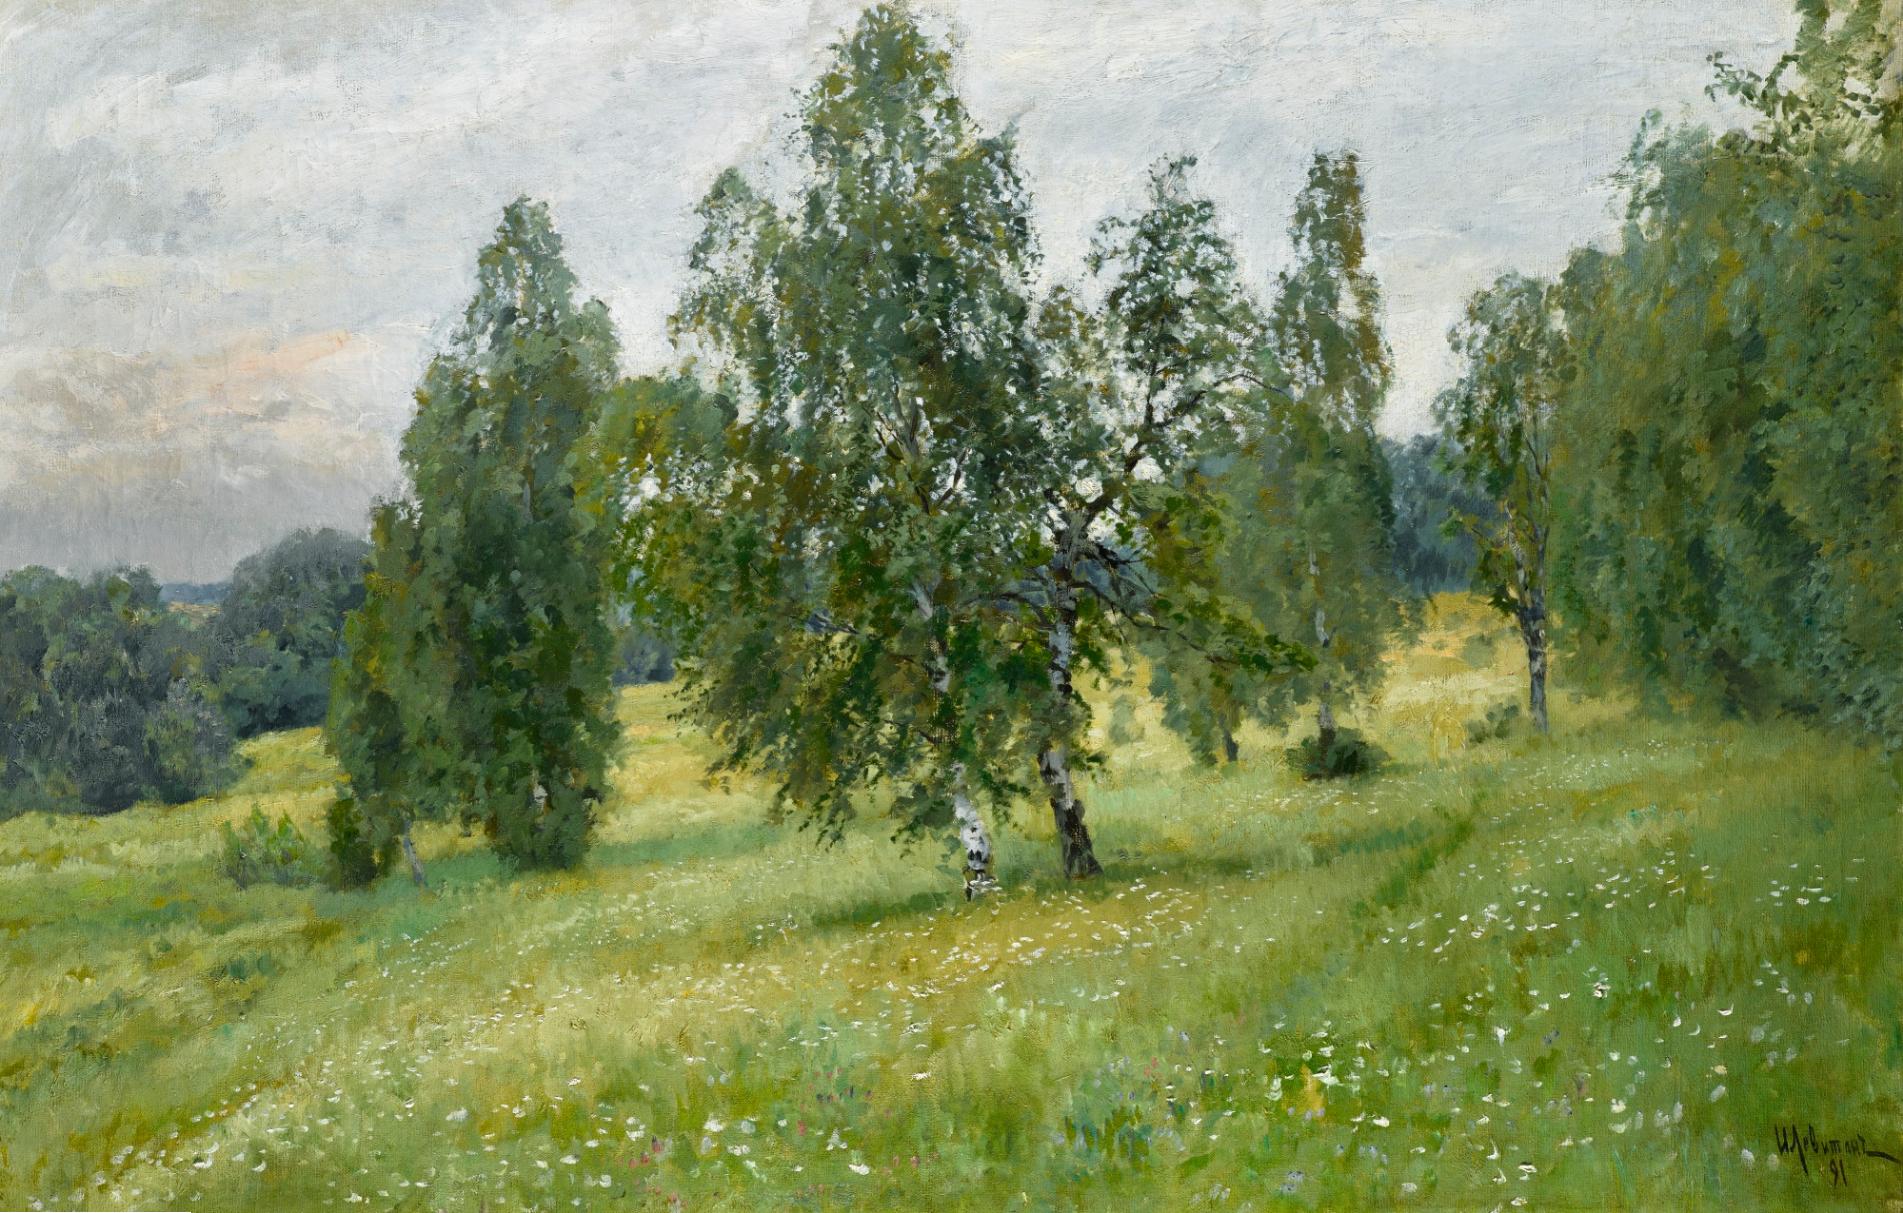 Исаак Левитан. Лето, 1891